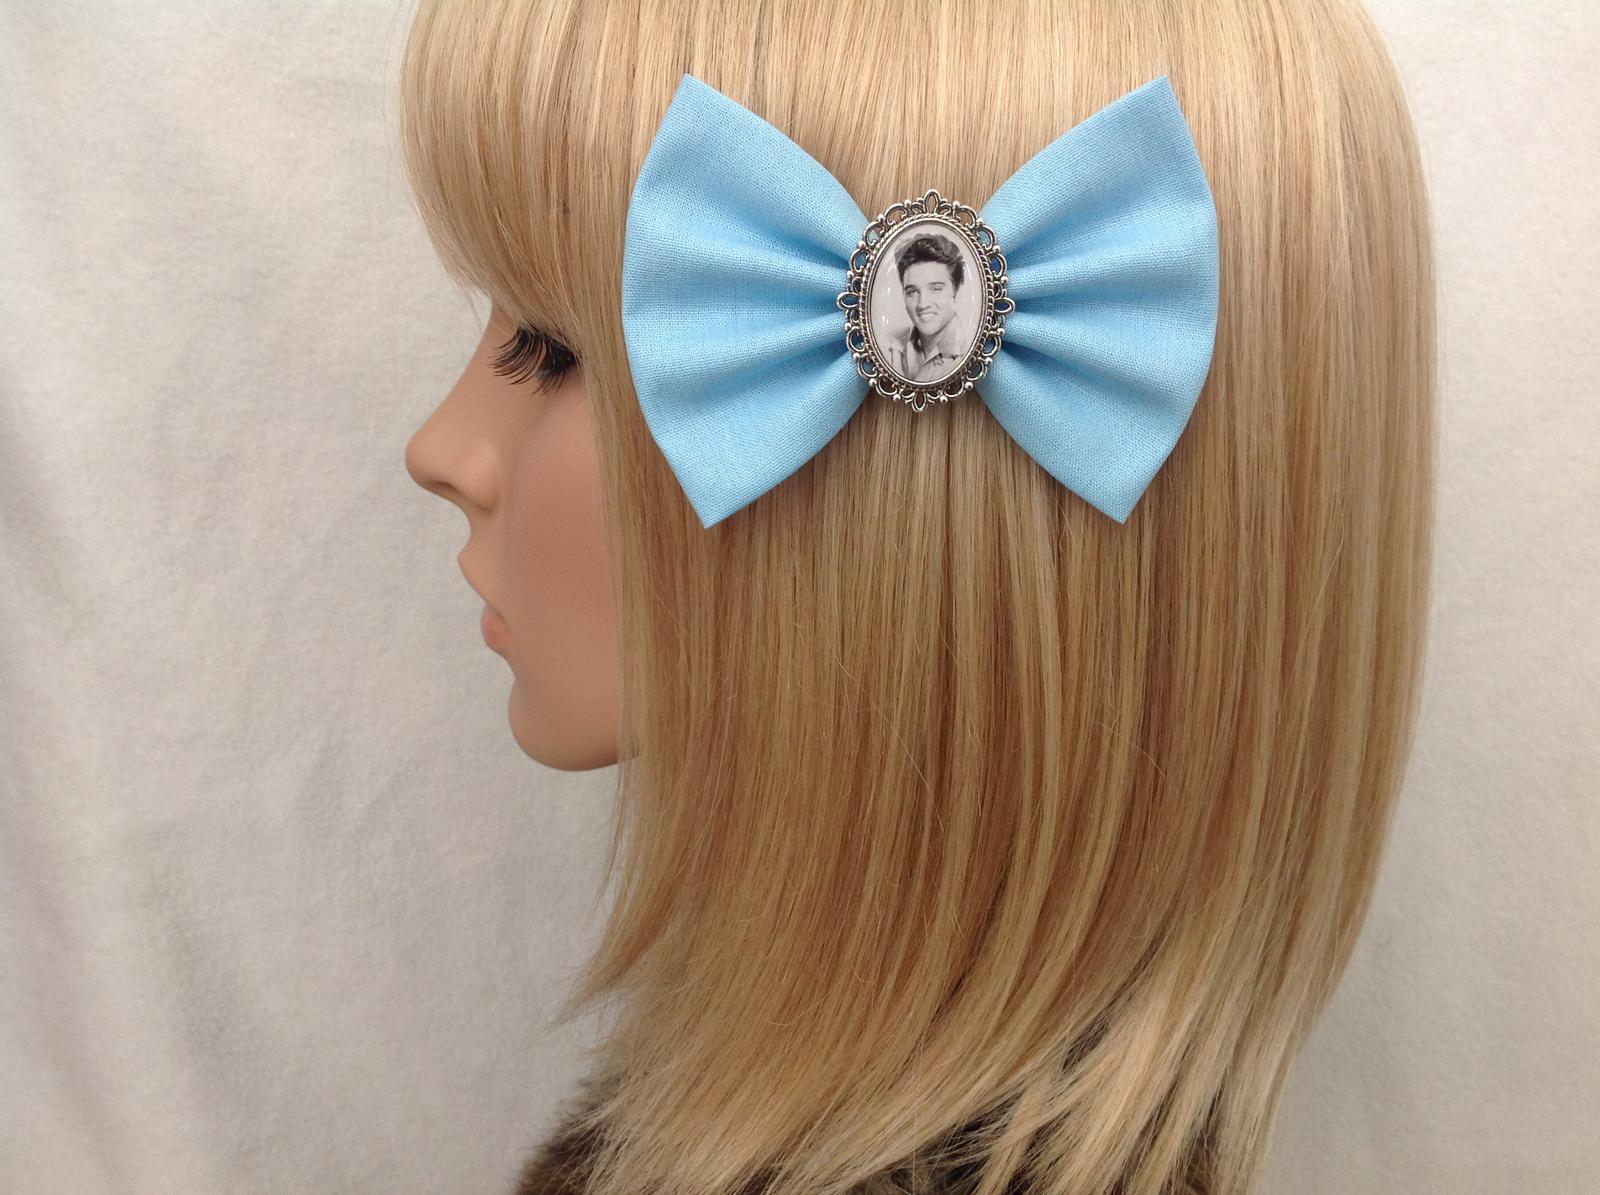 Elvis hair bow